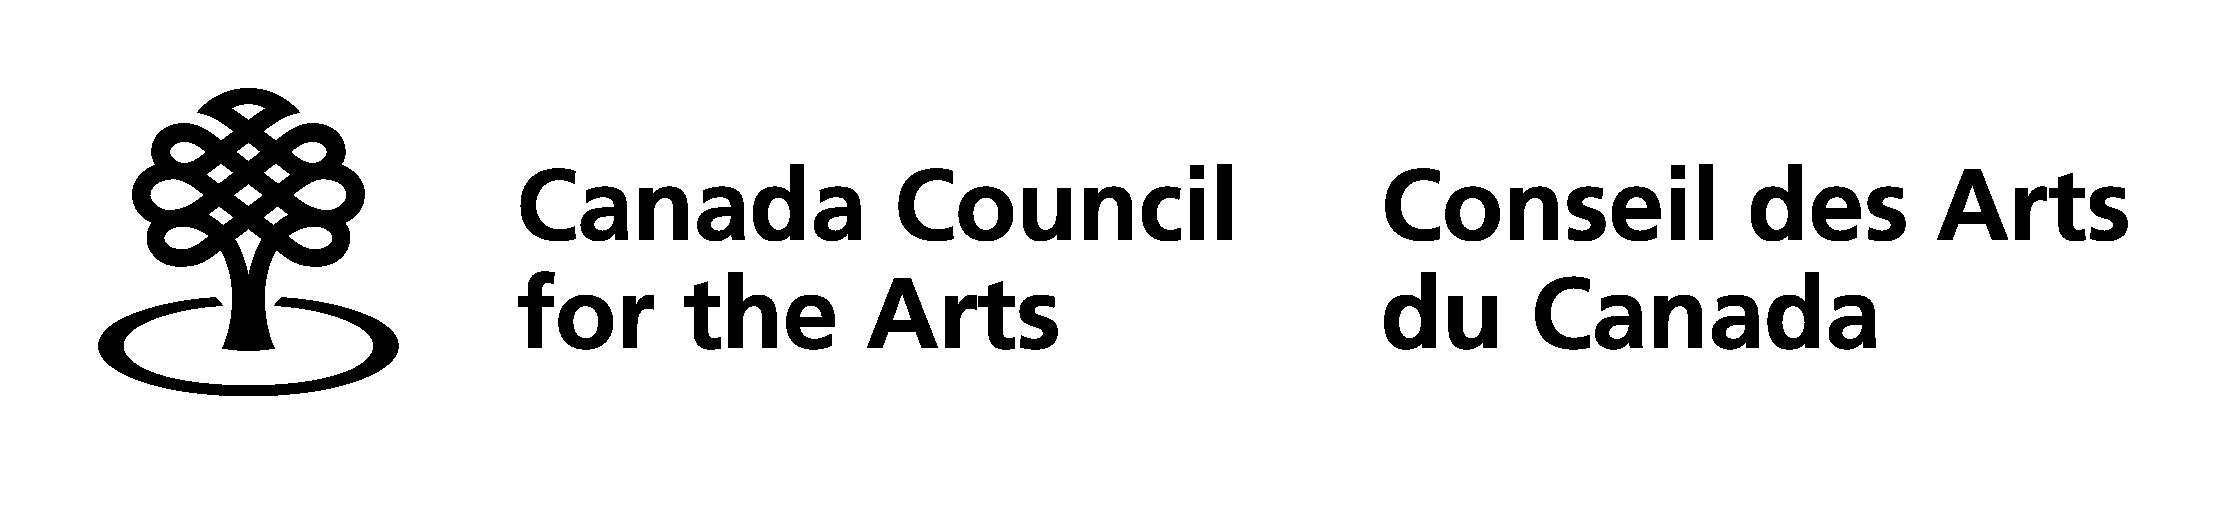 Canada council.jpg